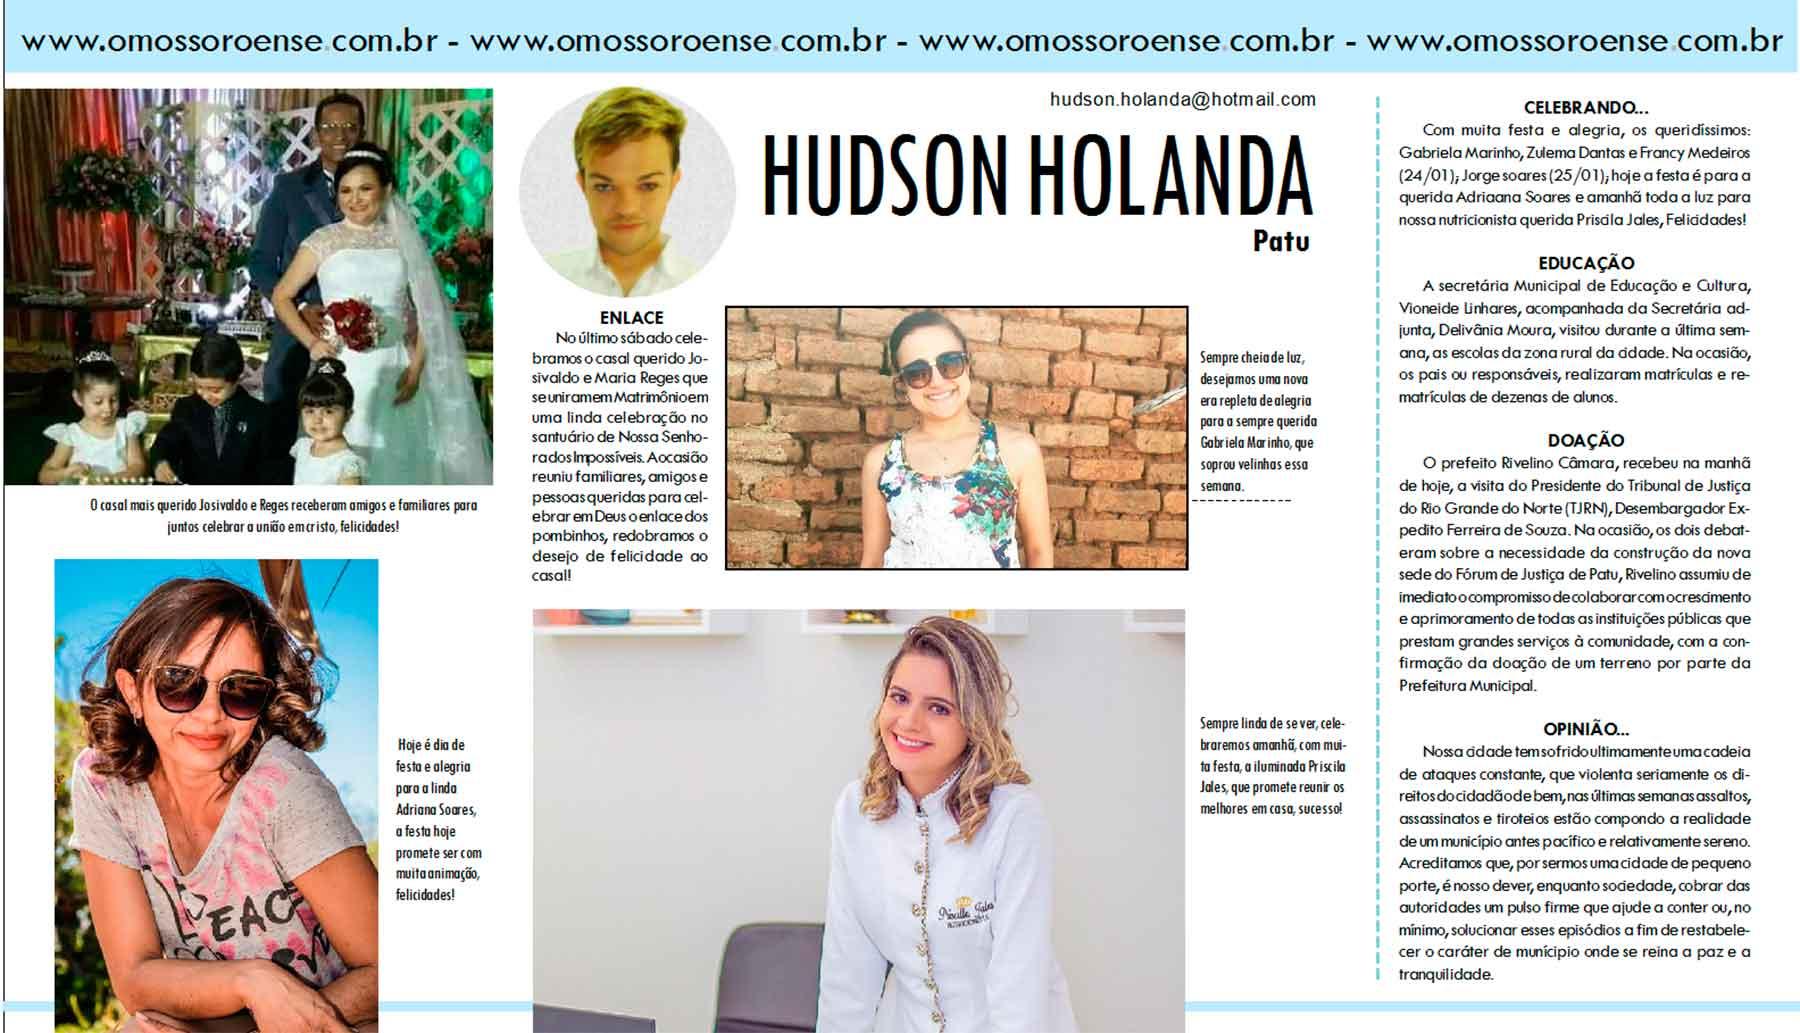 HUDSON-HOLANDA